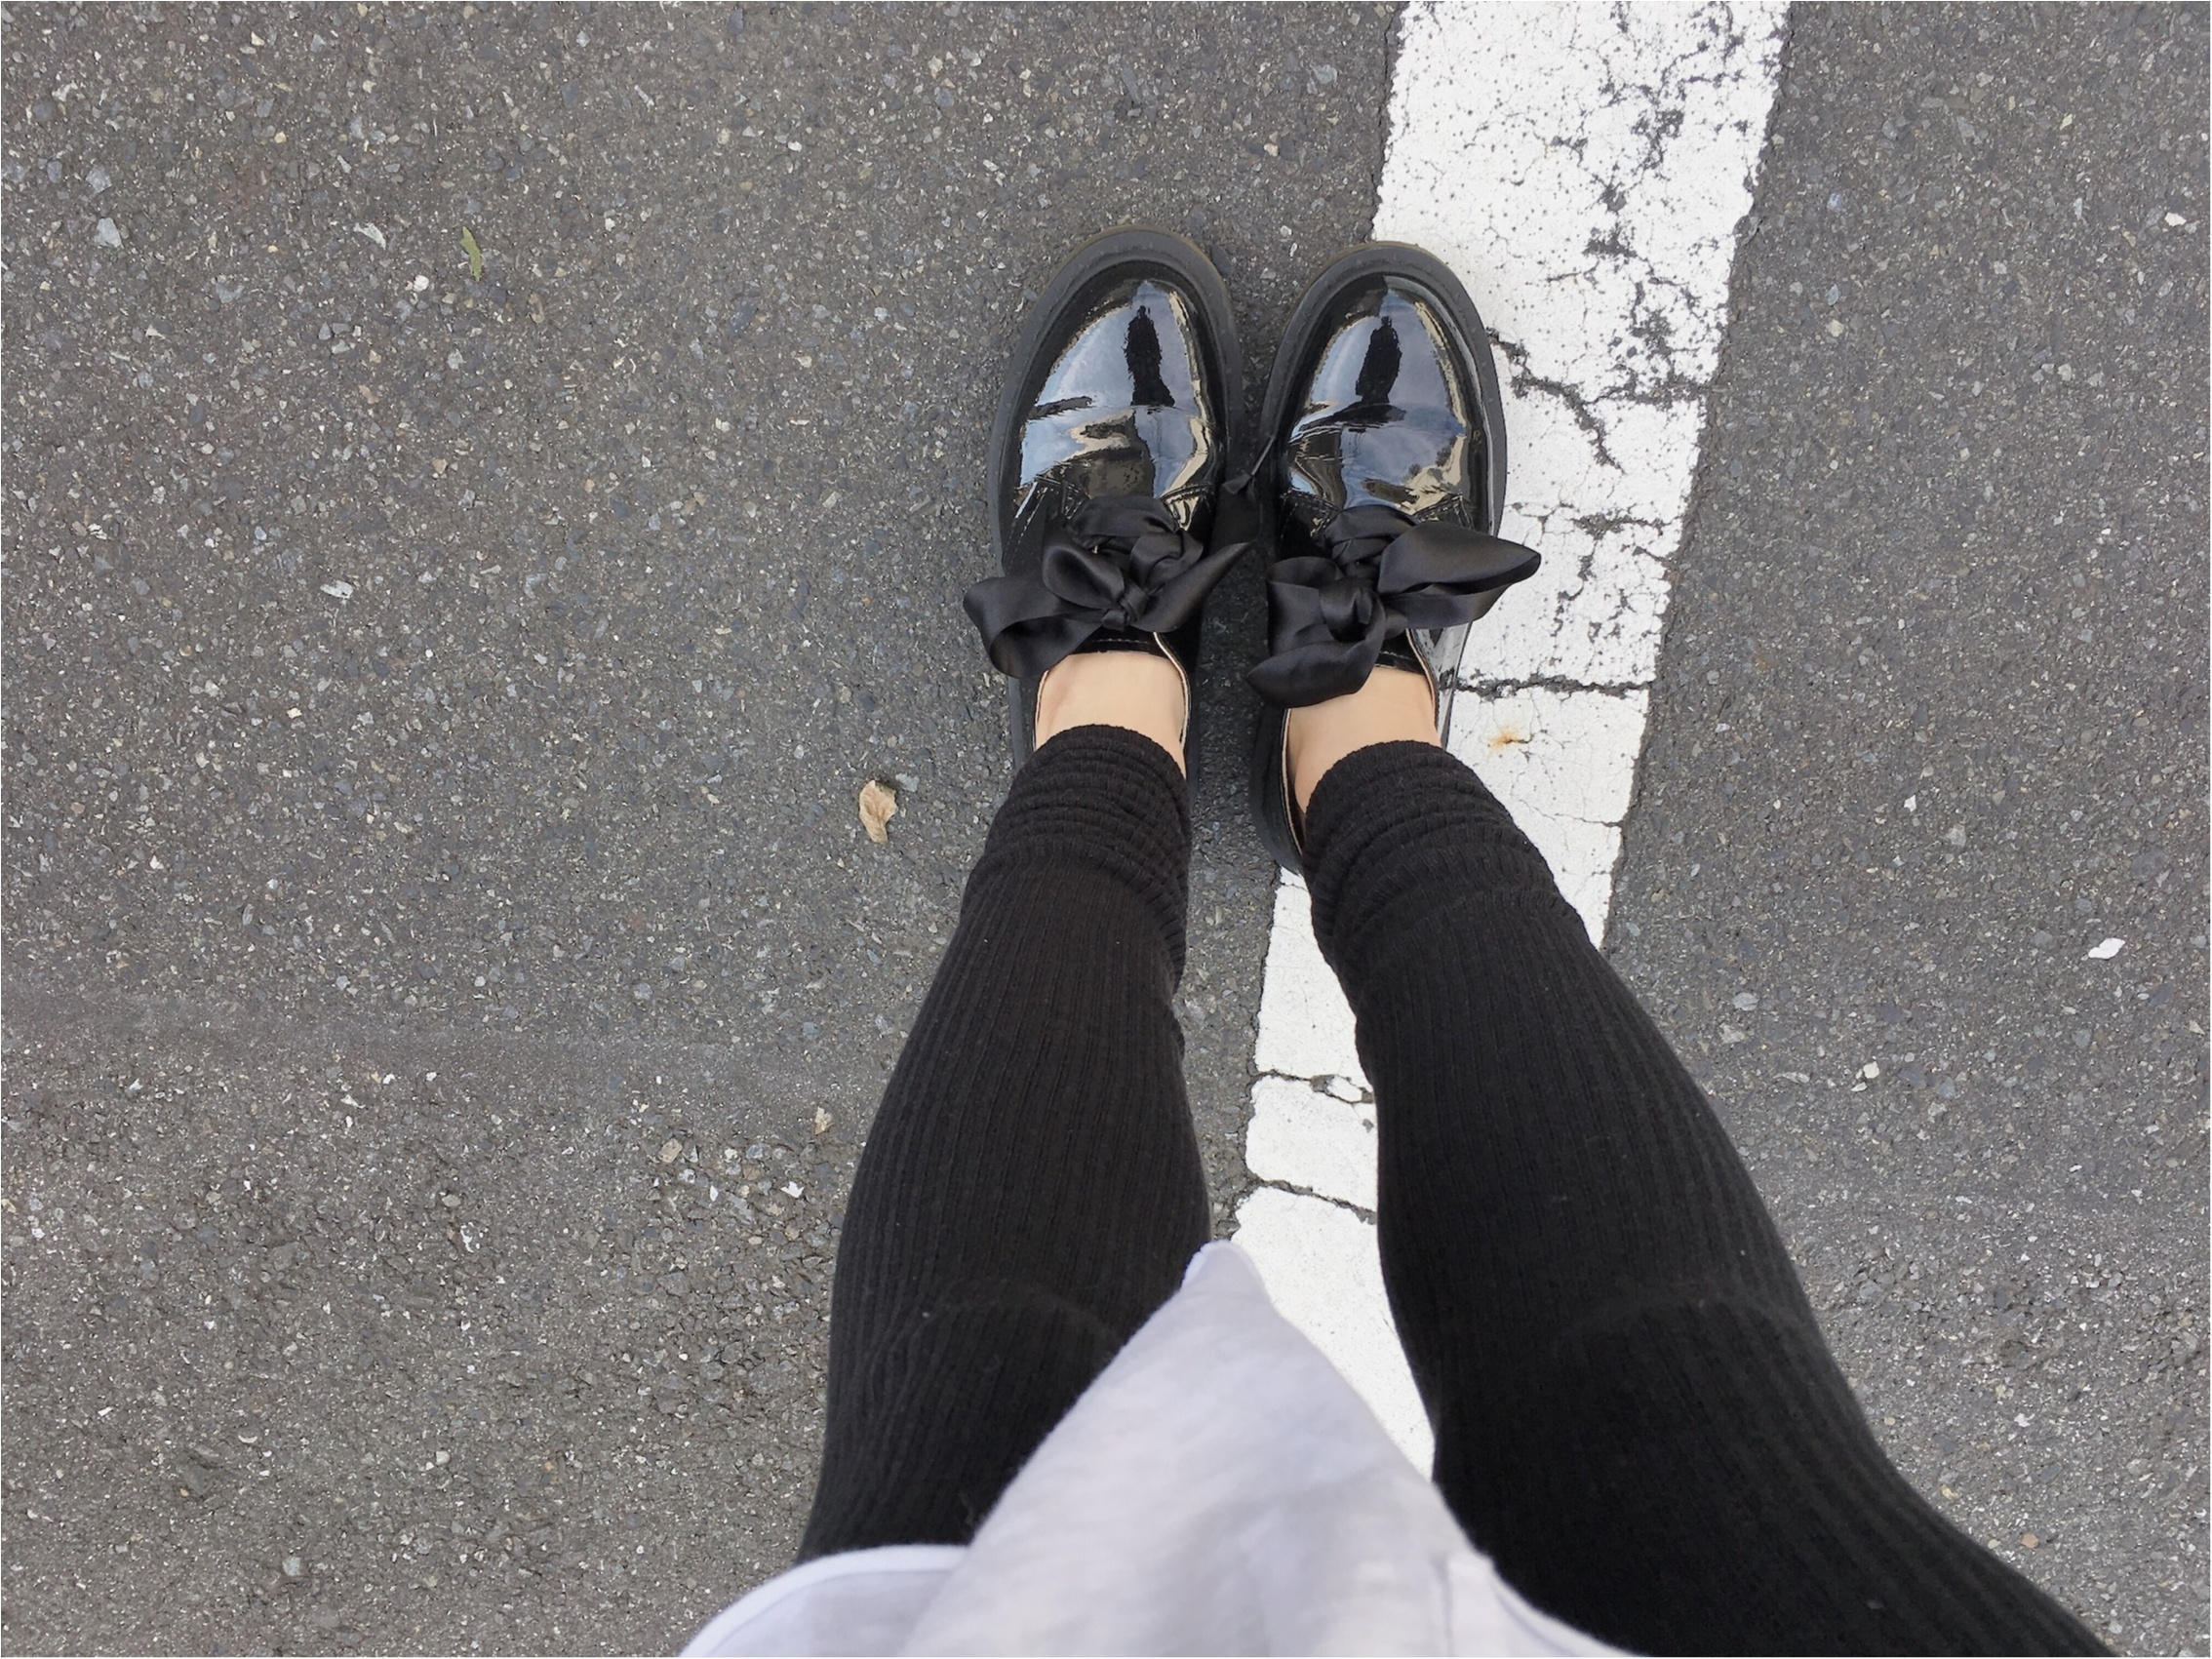 【UNIQLO】お洒落な人はみんな履いてる!《ヒートテックニットレギンス》脚長効果も?!_2